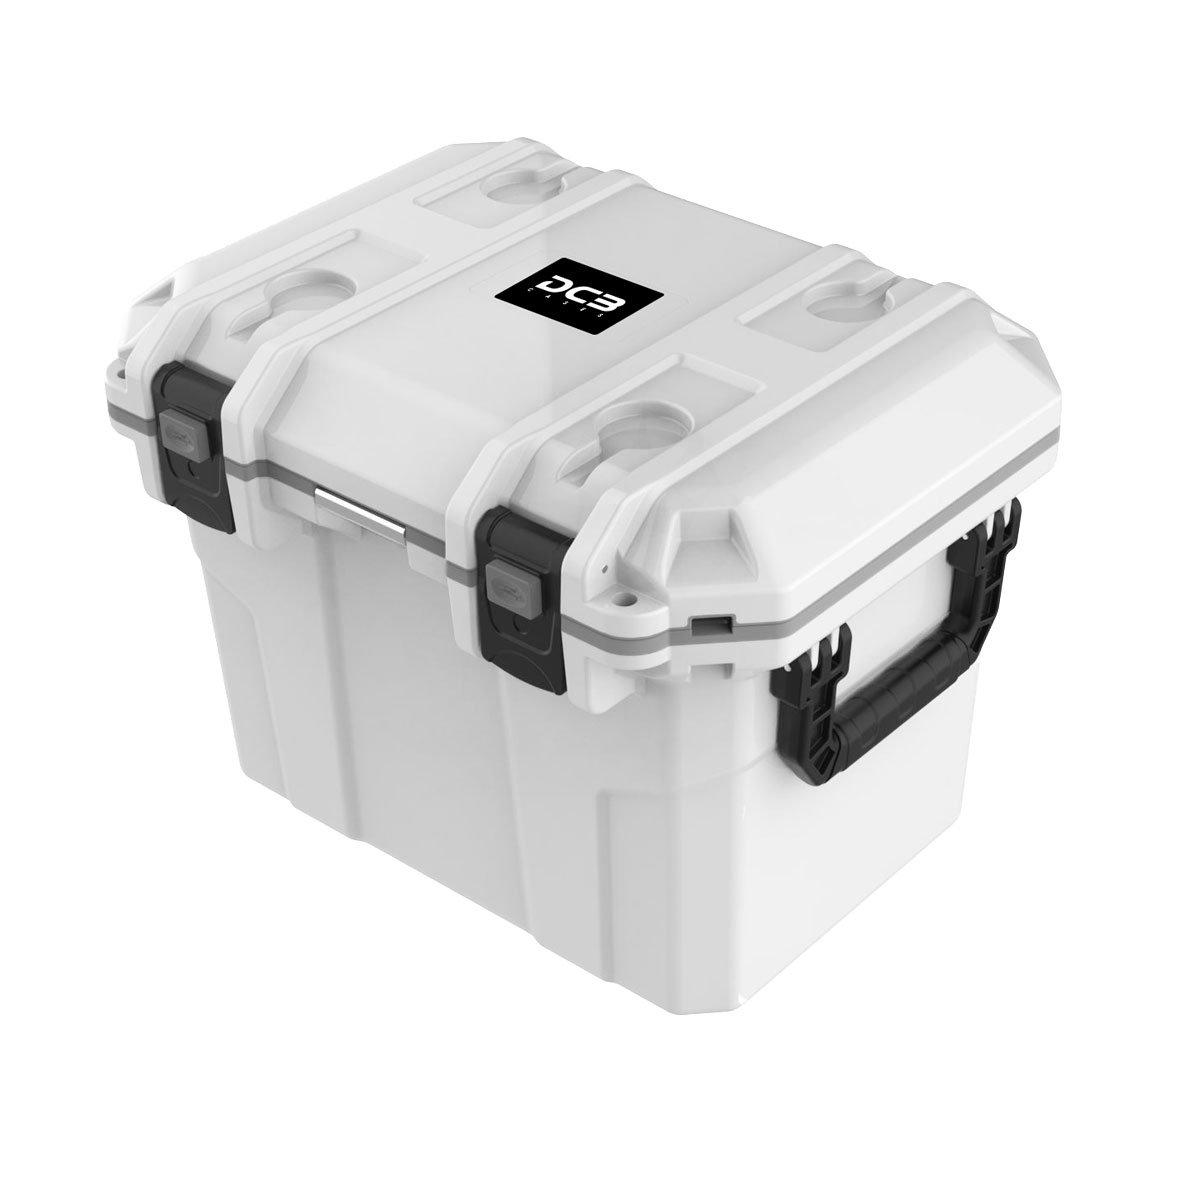 DCB 6534W 50 QT Cooler